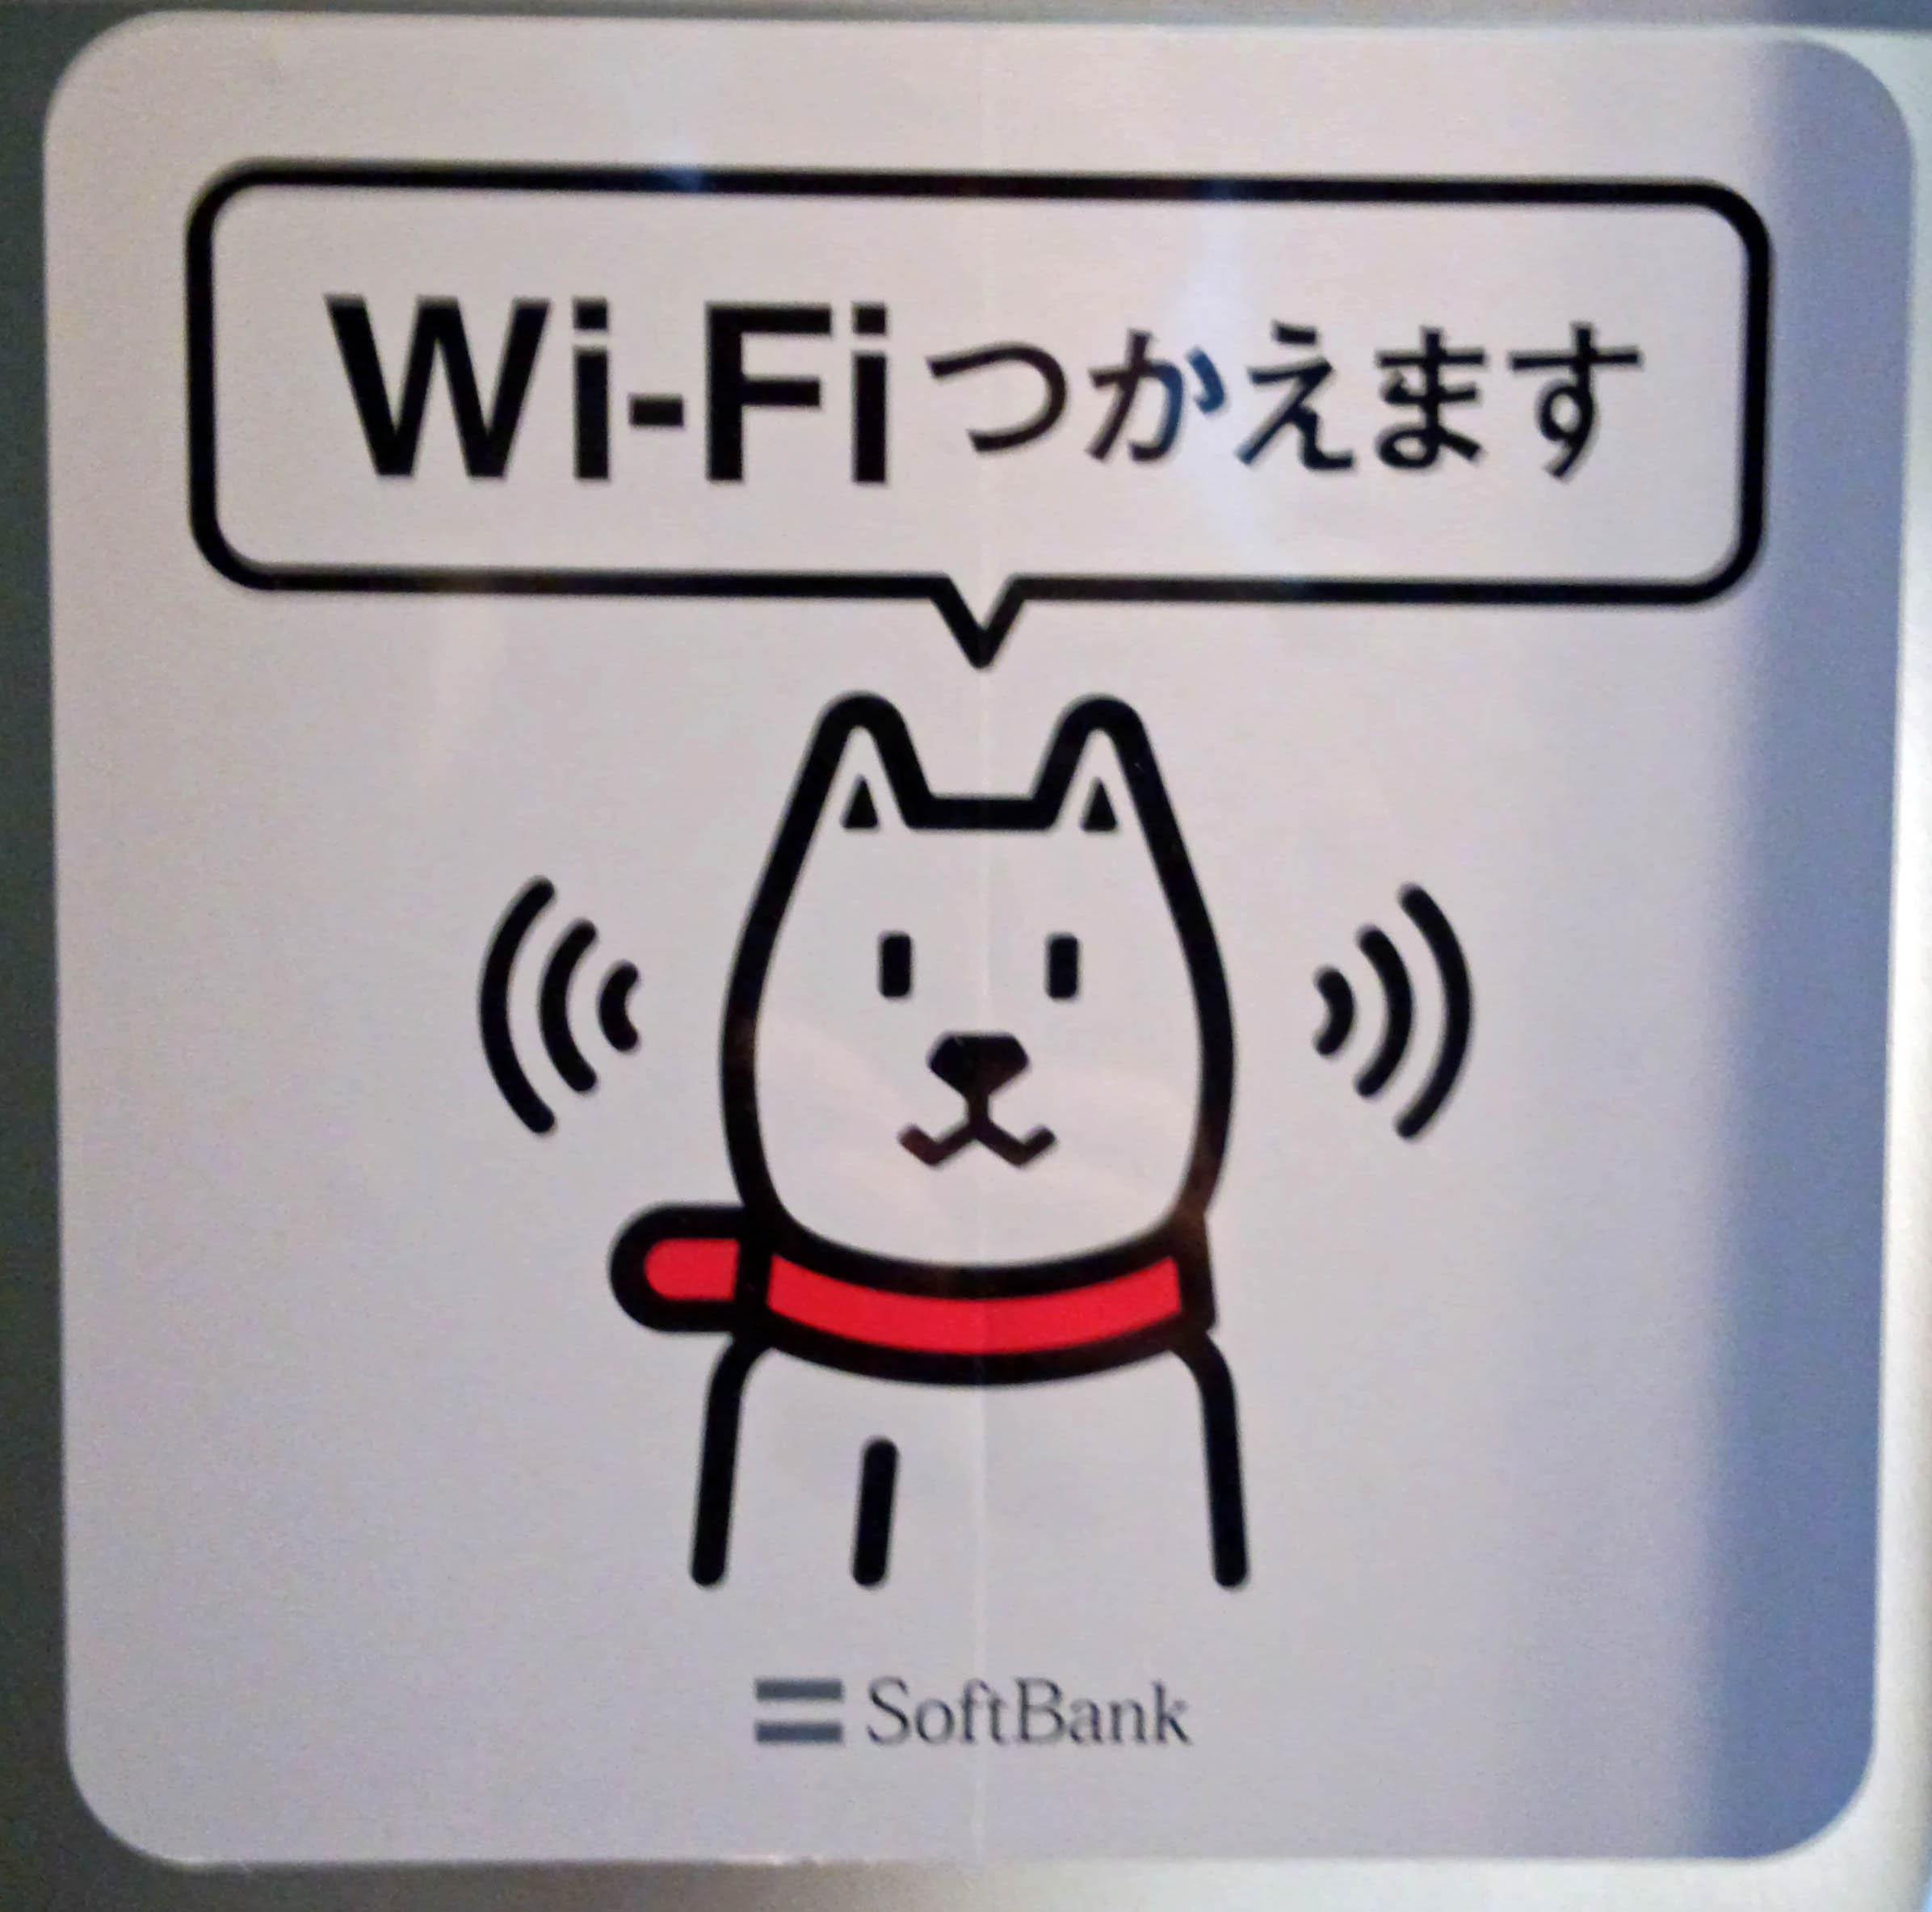 Wi-Fi使えますーwimax格安.com